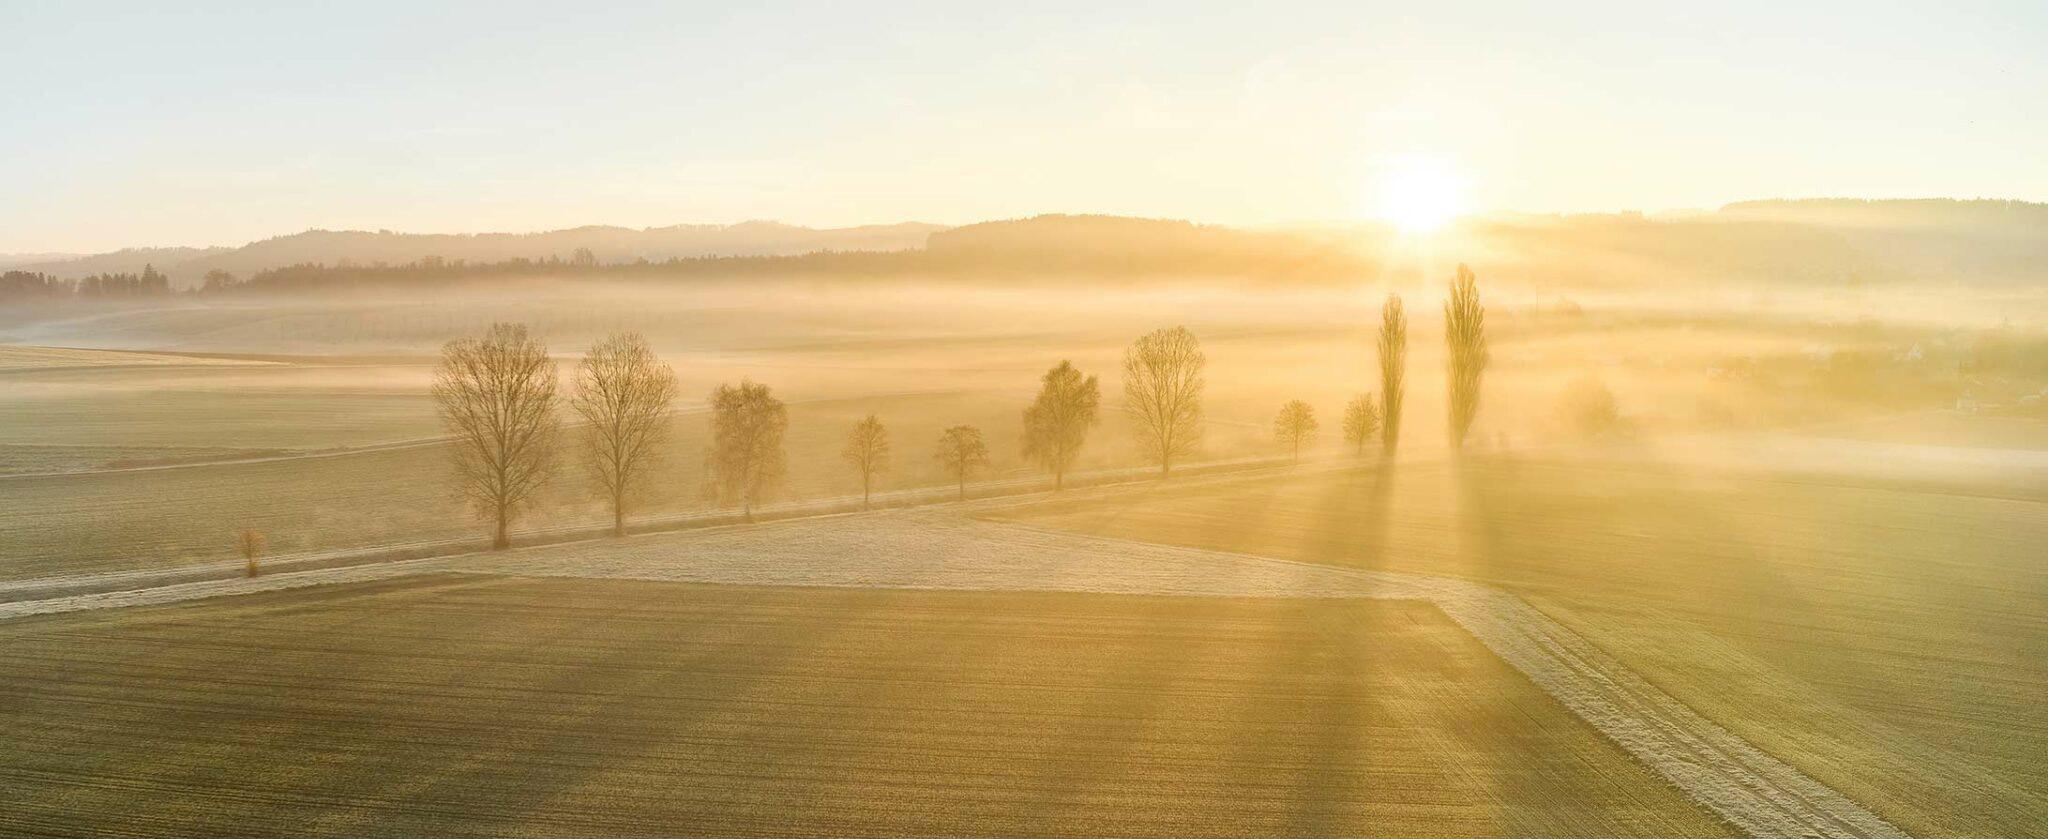 Landschaft und Sonnenaufgang in der Umgebung von Jegenstorf.